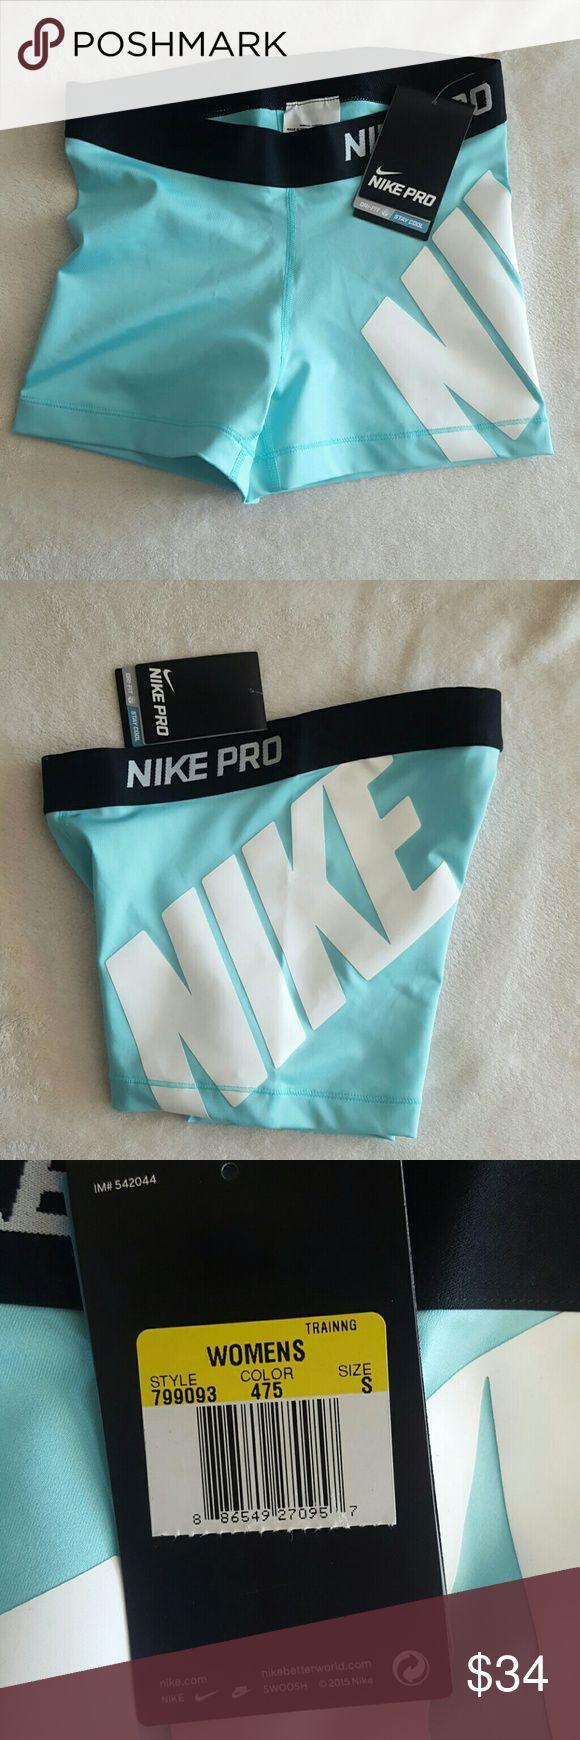 Nike pro drifit shorts Turquoise white and black spandex shorts Nike Shorts